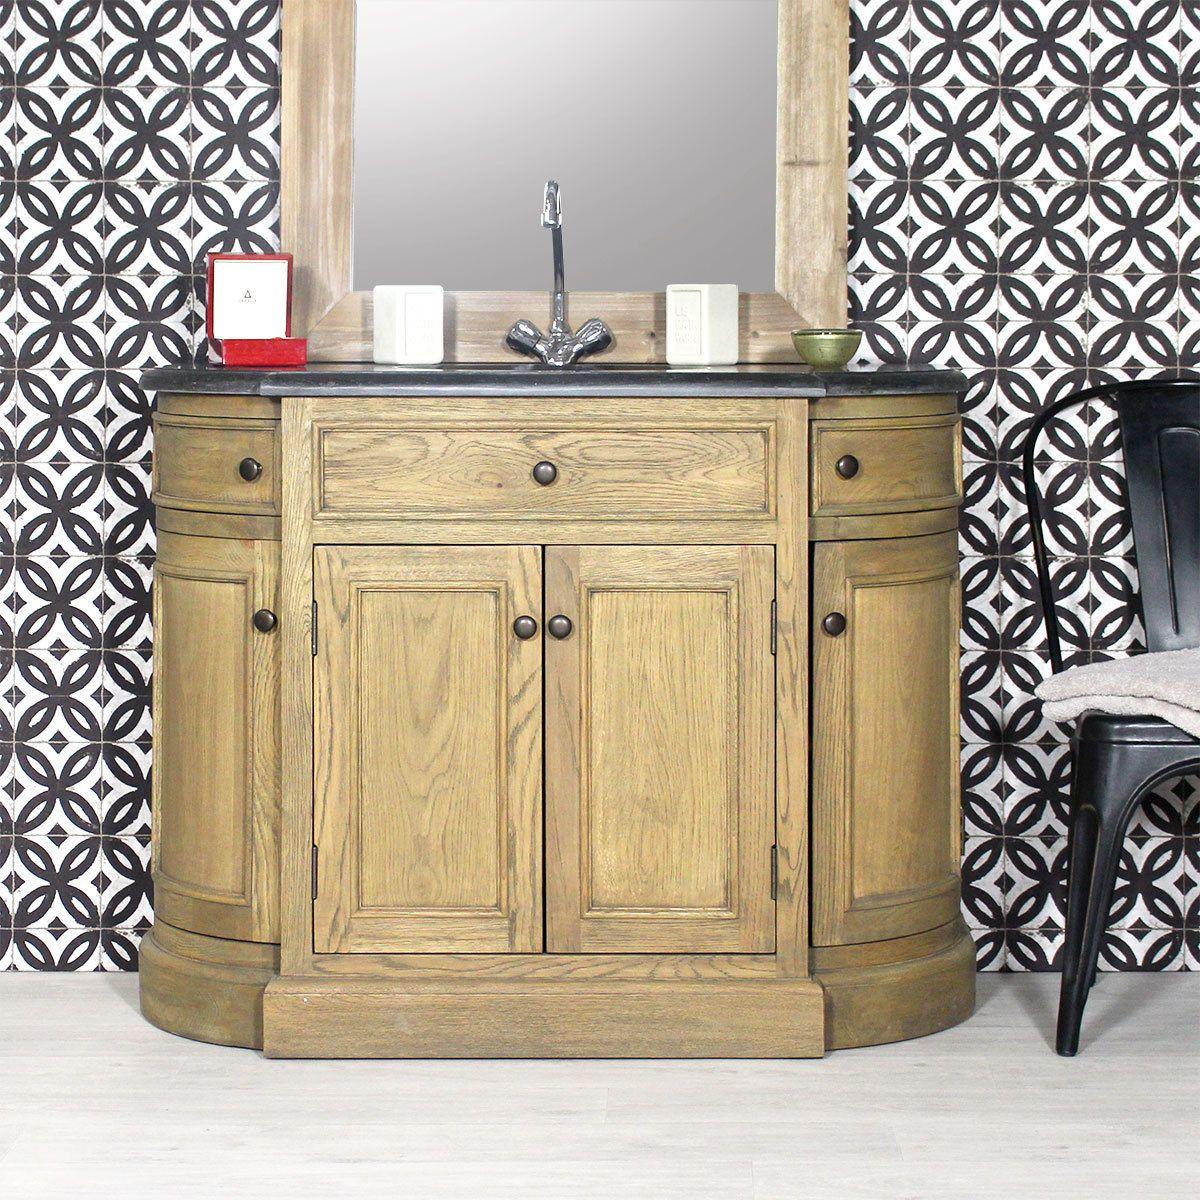 meuble salle de bain bois massif 1 vasque 4 portes 2 tiroirs chne massif naturel plateau en pierre bleue existe en plusieurs variantes